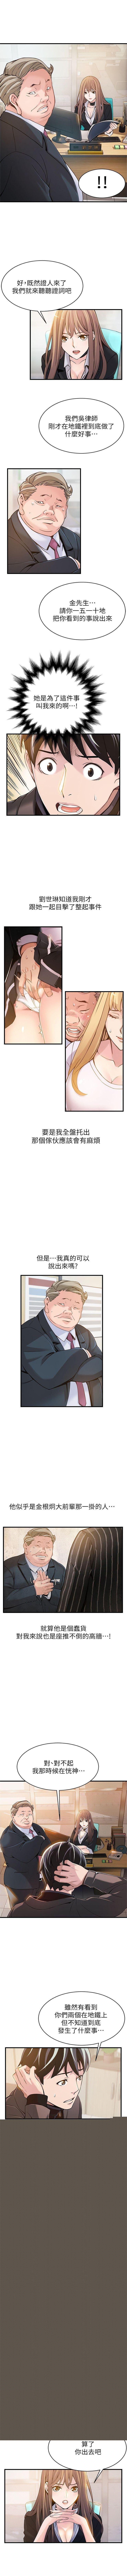 (週7)弱點 1-76 中文翻譯(更新中) 30